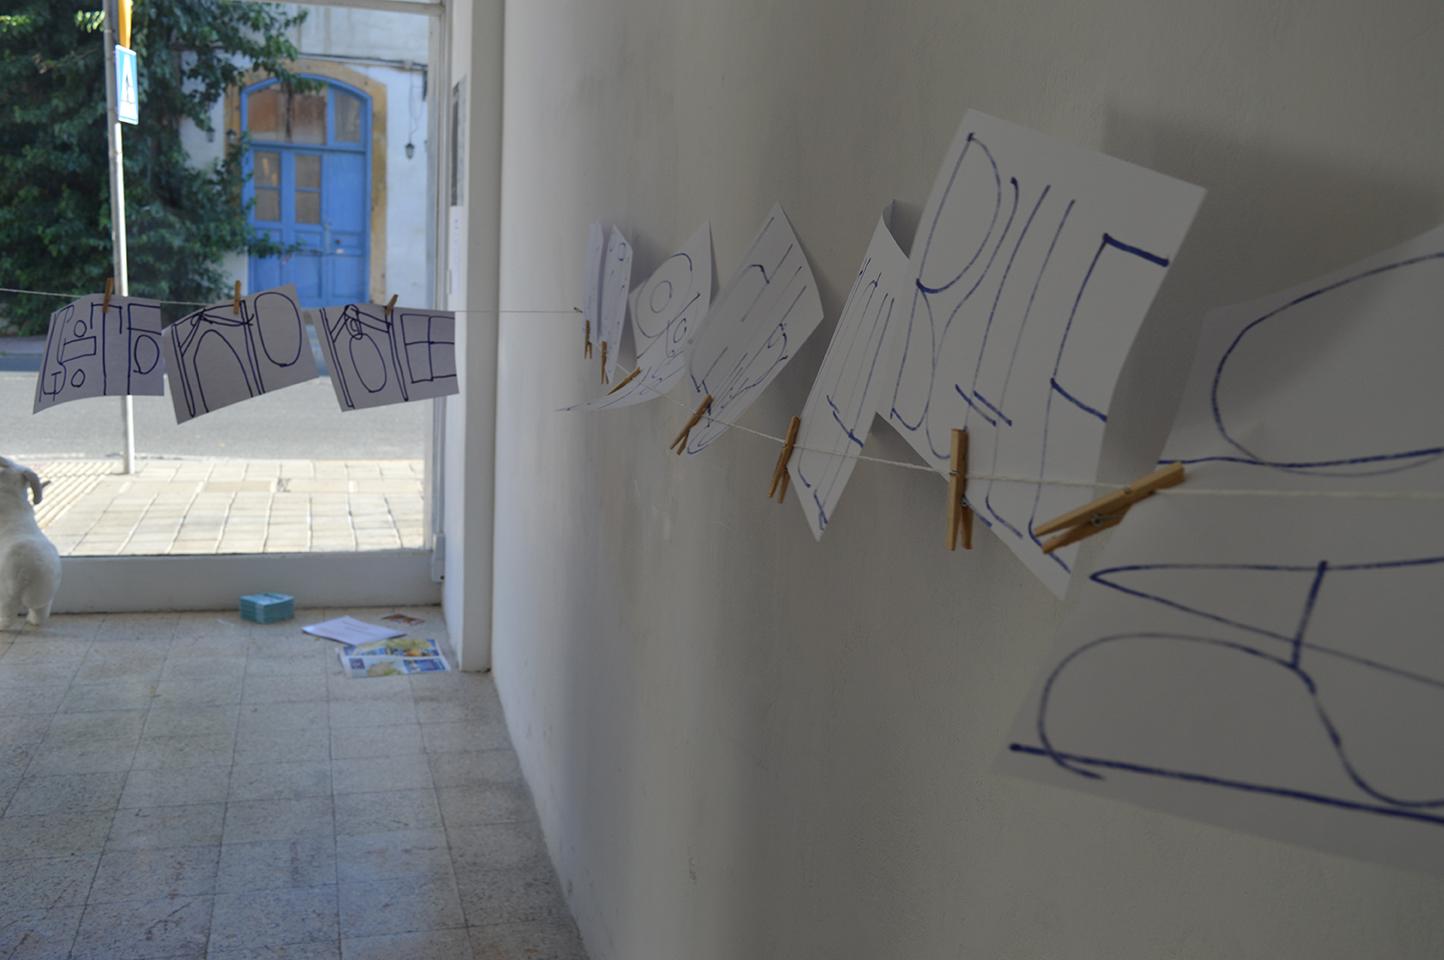 Cyprus18HawkEyedFinal1Dag_Danny2sm.jpg